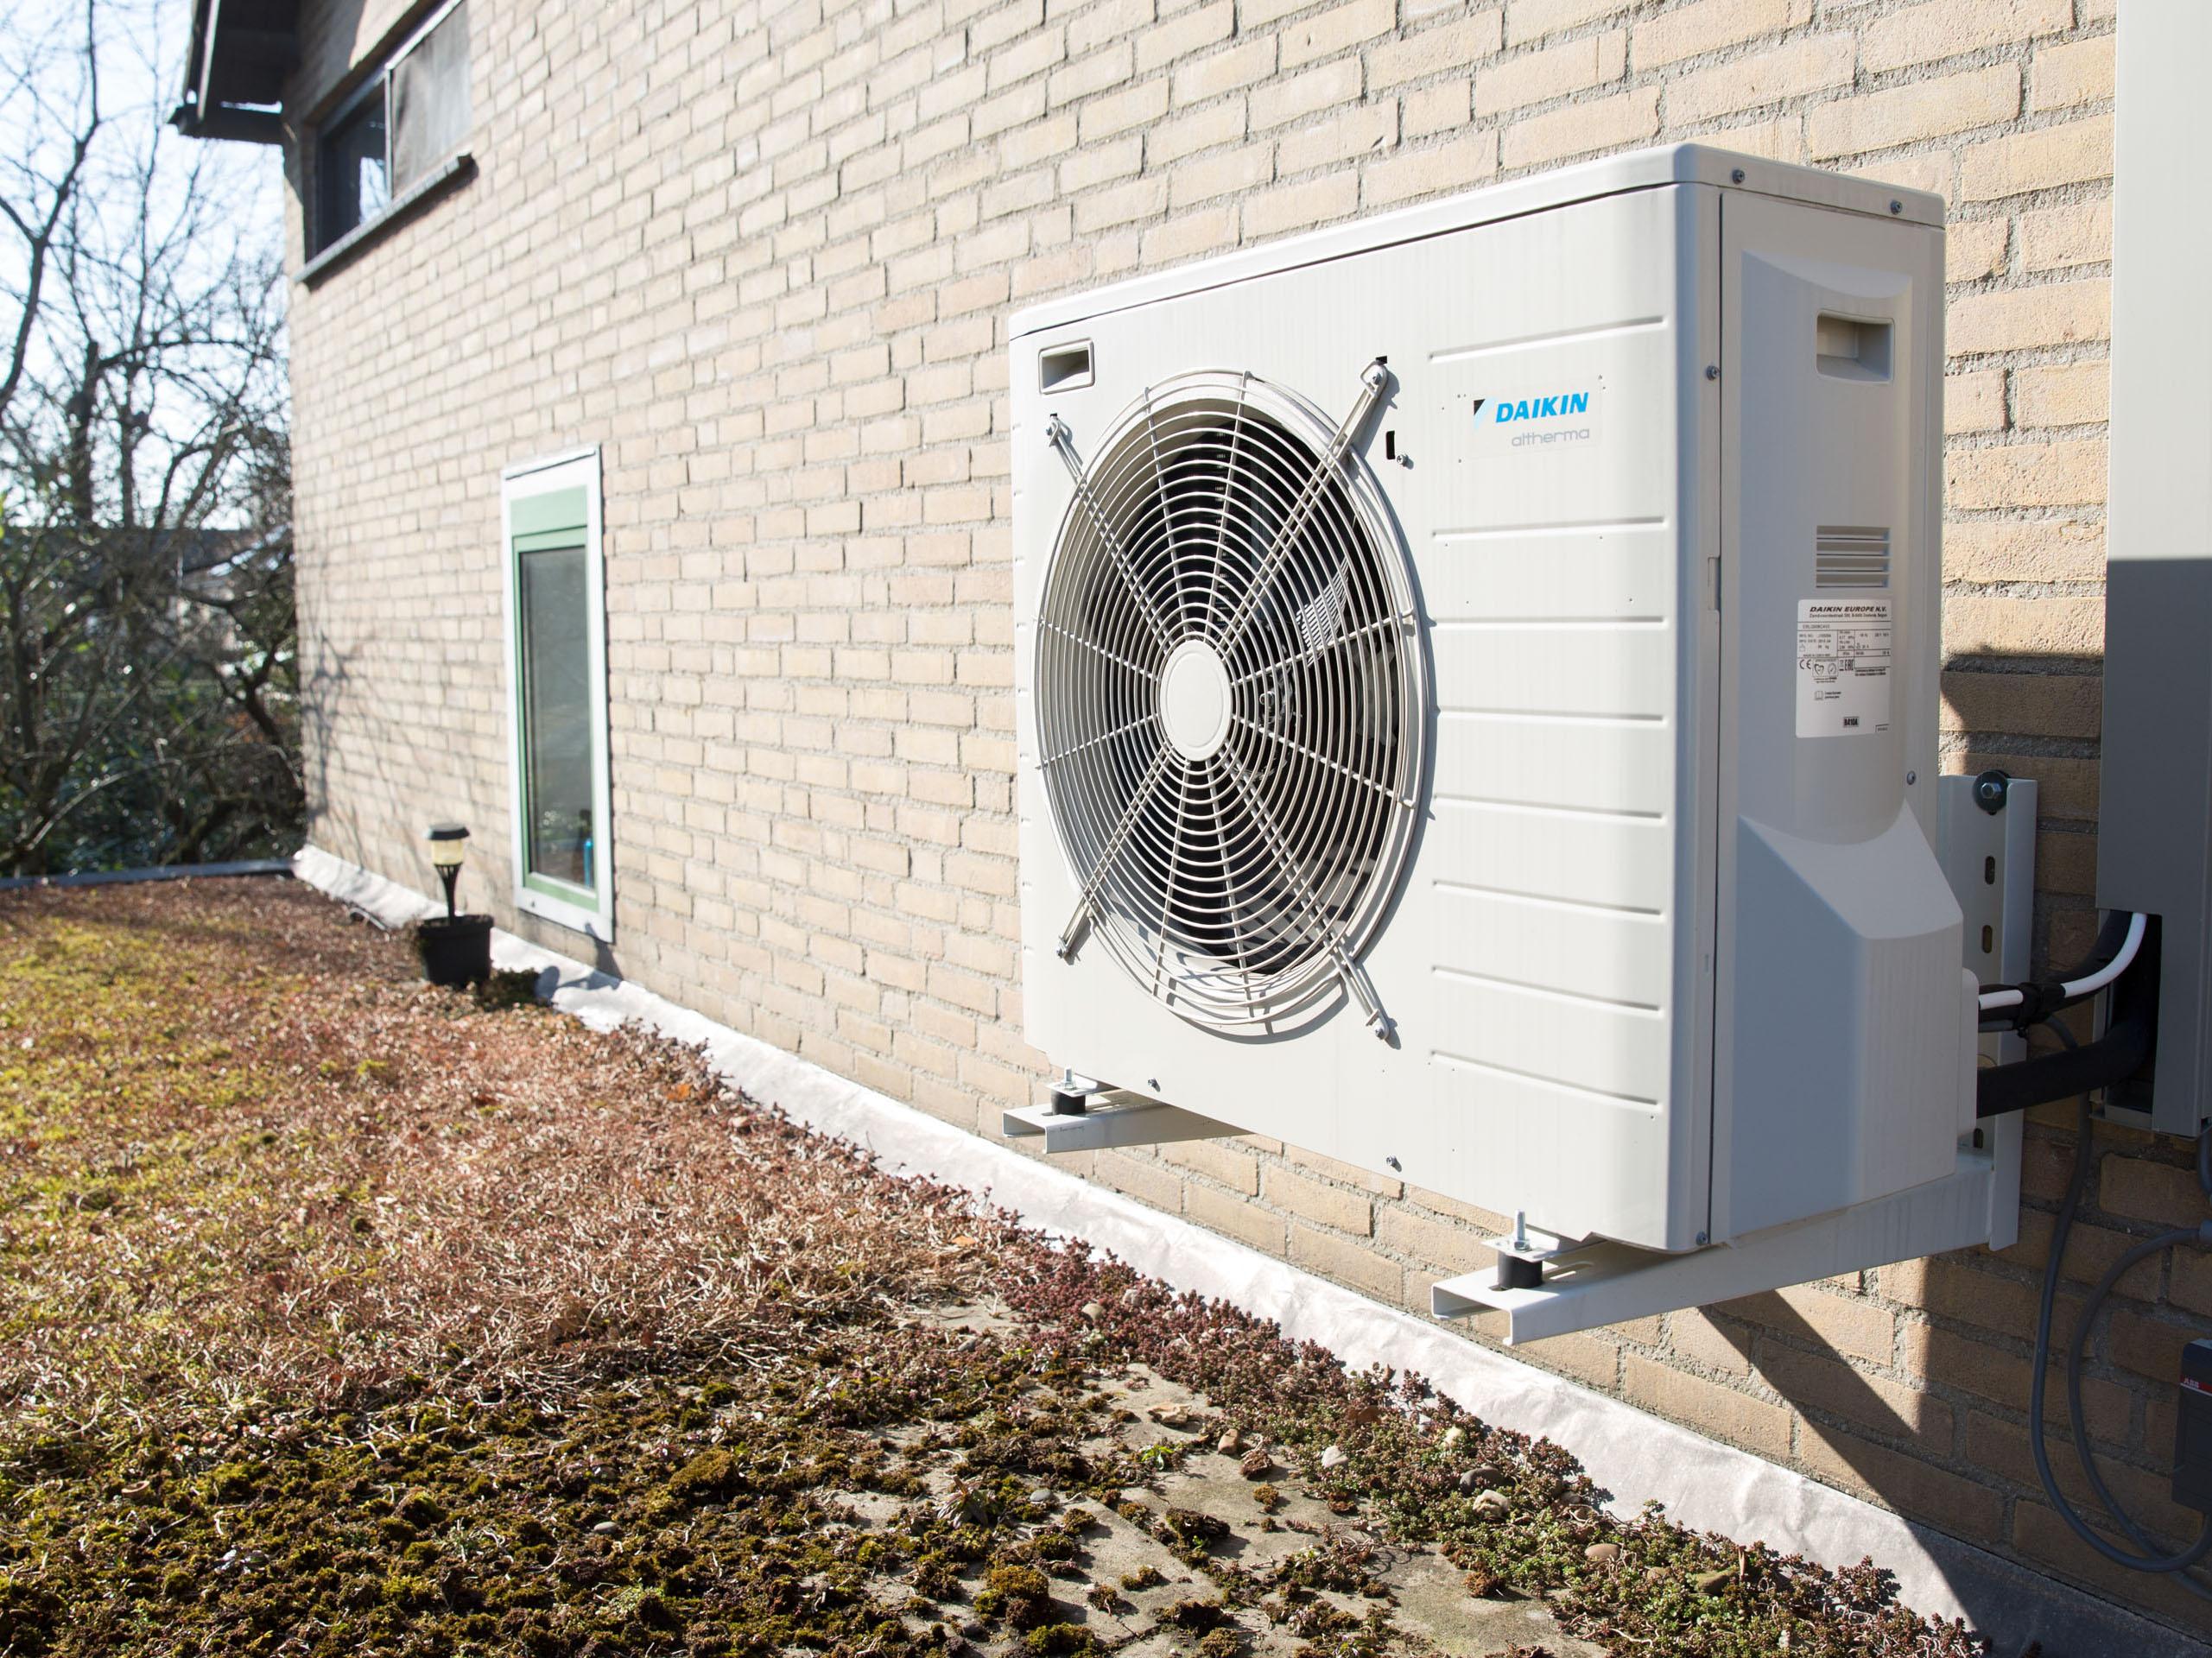 Energieneutraal-huis-woonwijk-wonen-thuisbaas-credit-Chantal-Bekker-GraphicAlert-07-warmtepomp-1